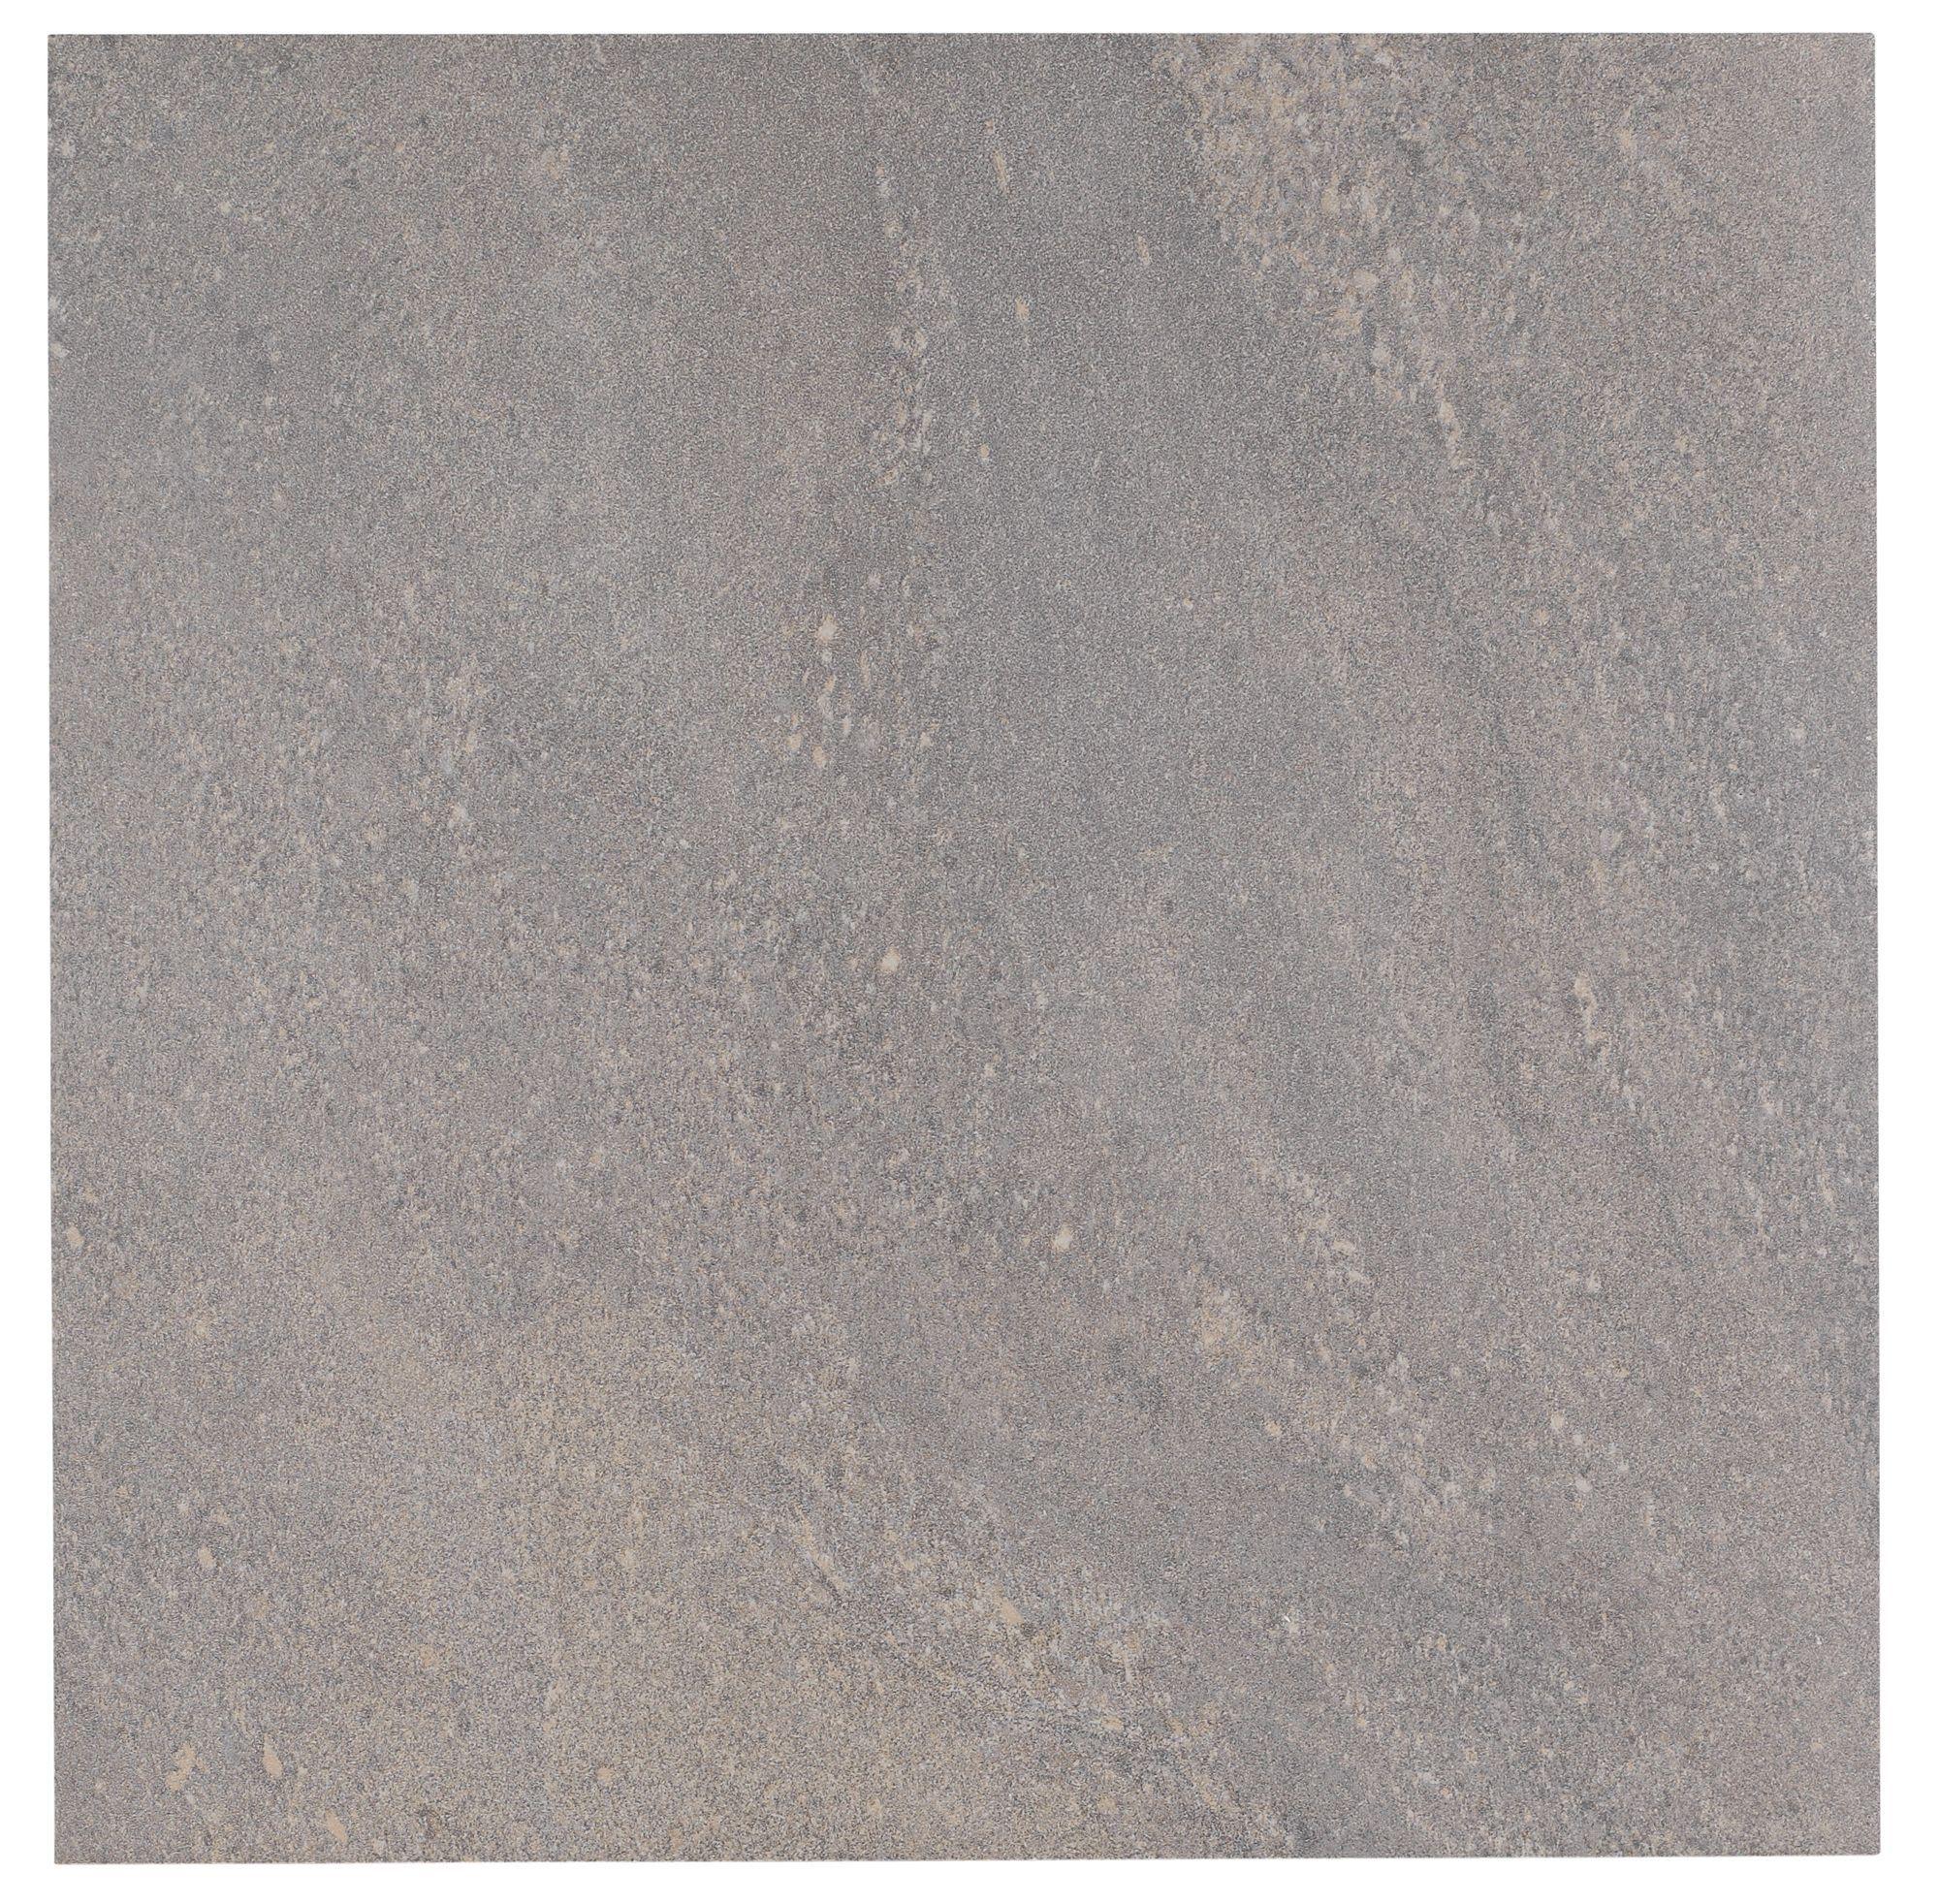 Antayla Grey Stone Porcelain Floor Tile, Pack of 3, (L)600mm (W)600mm